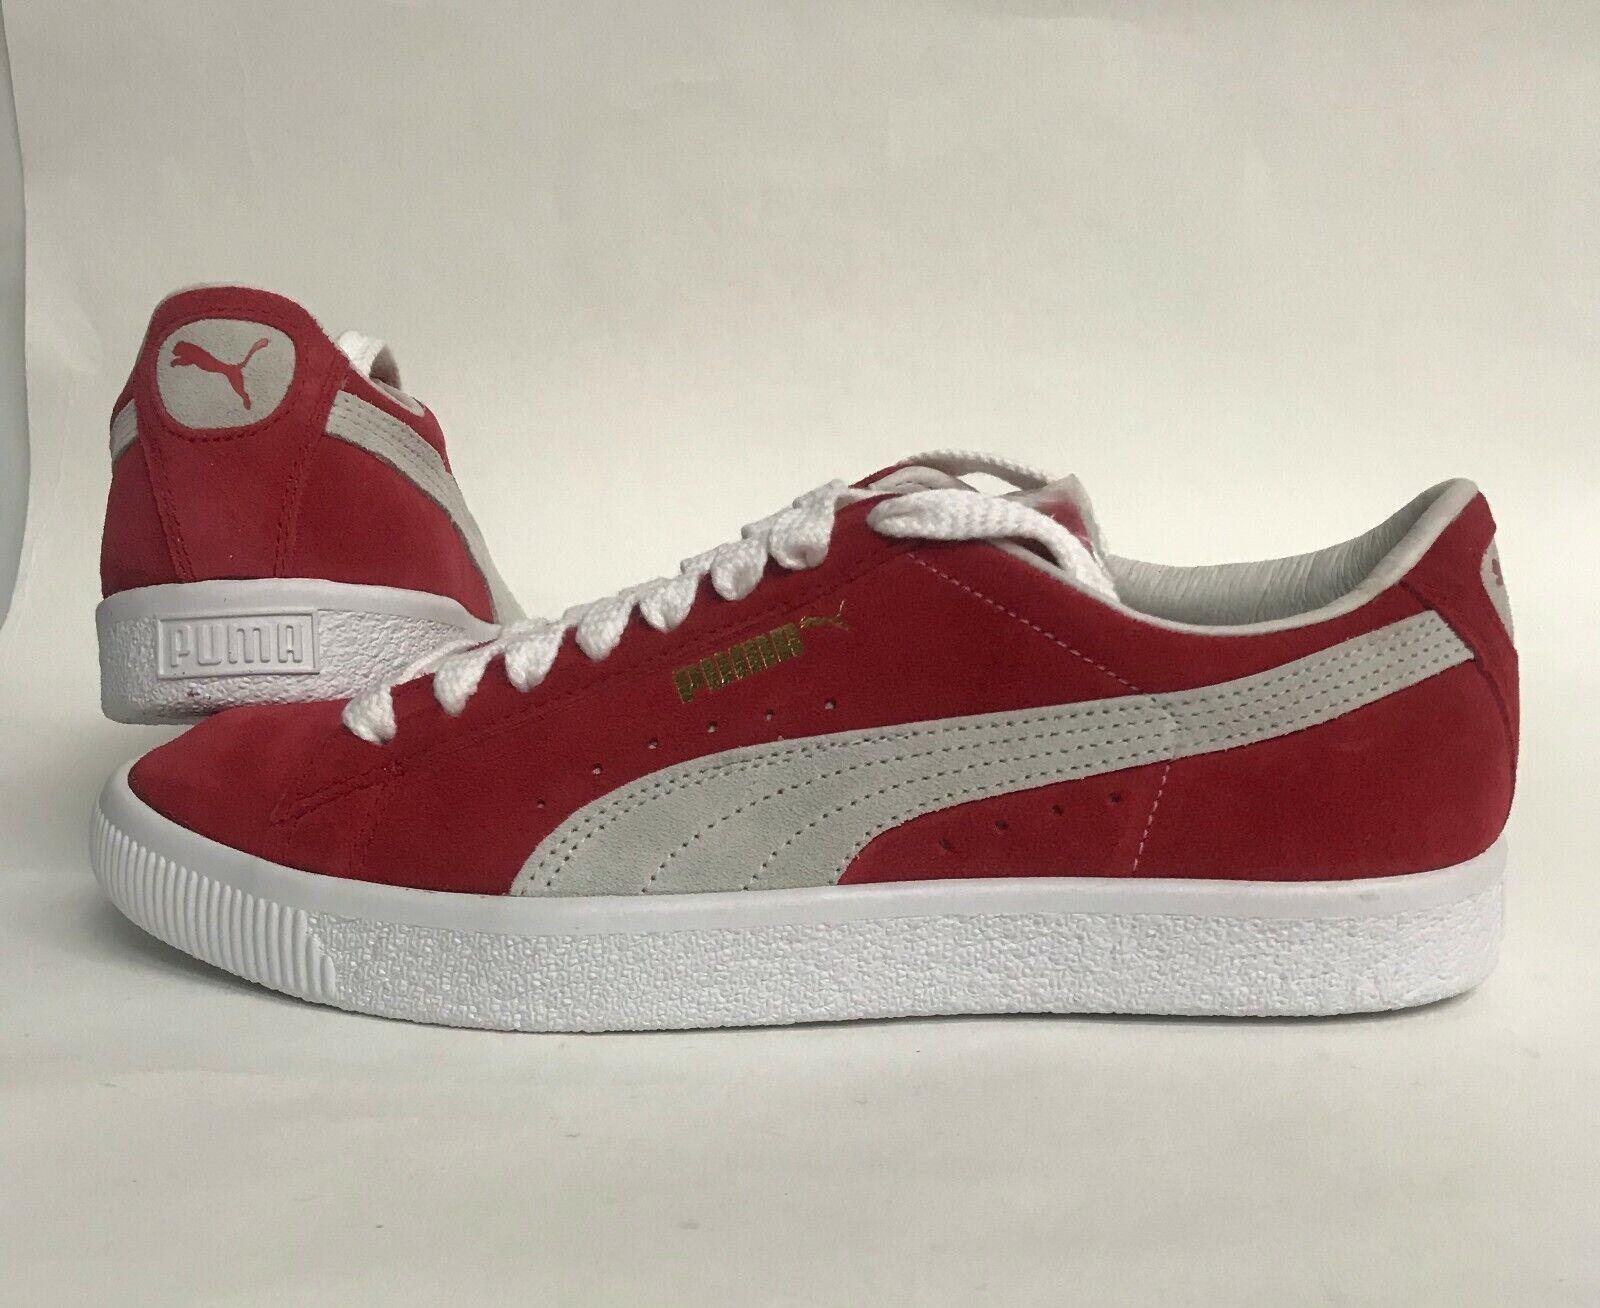 05f12e61c637c NIB size 11 PUMA Classic Sneakers red 365942-02 Men s Suede ...